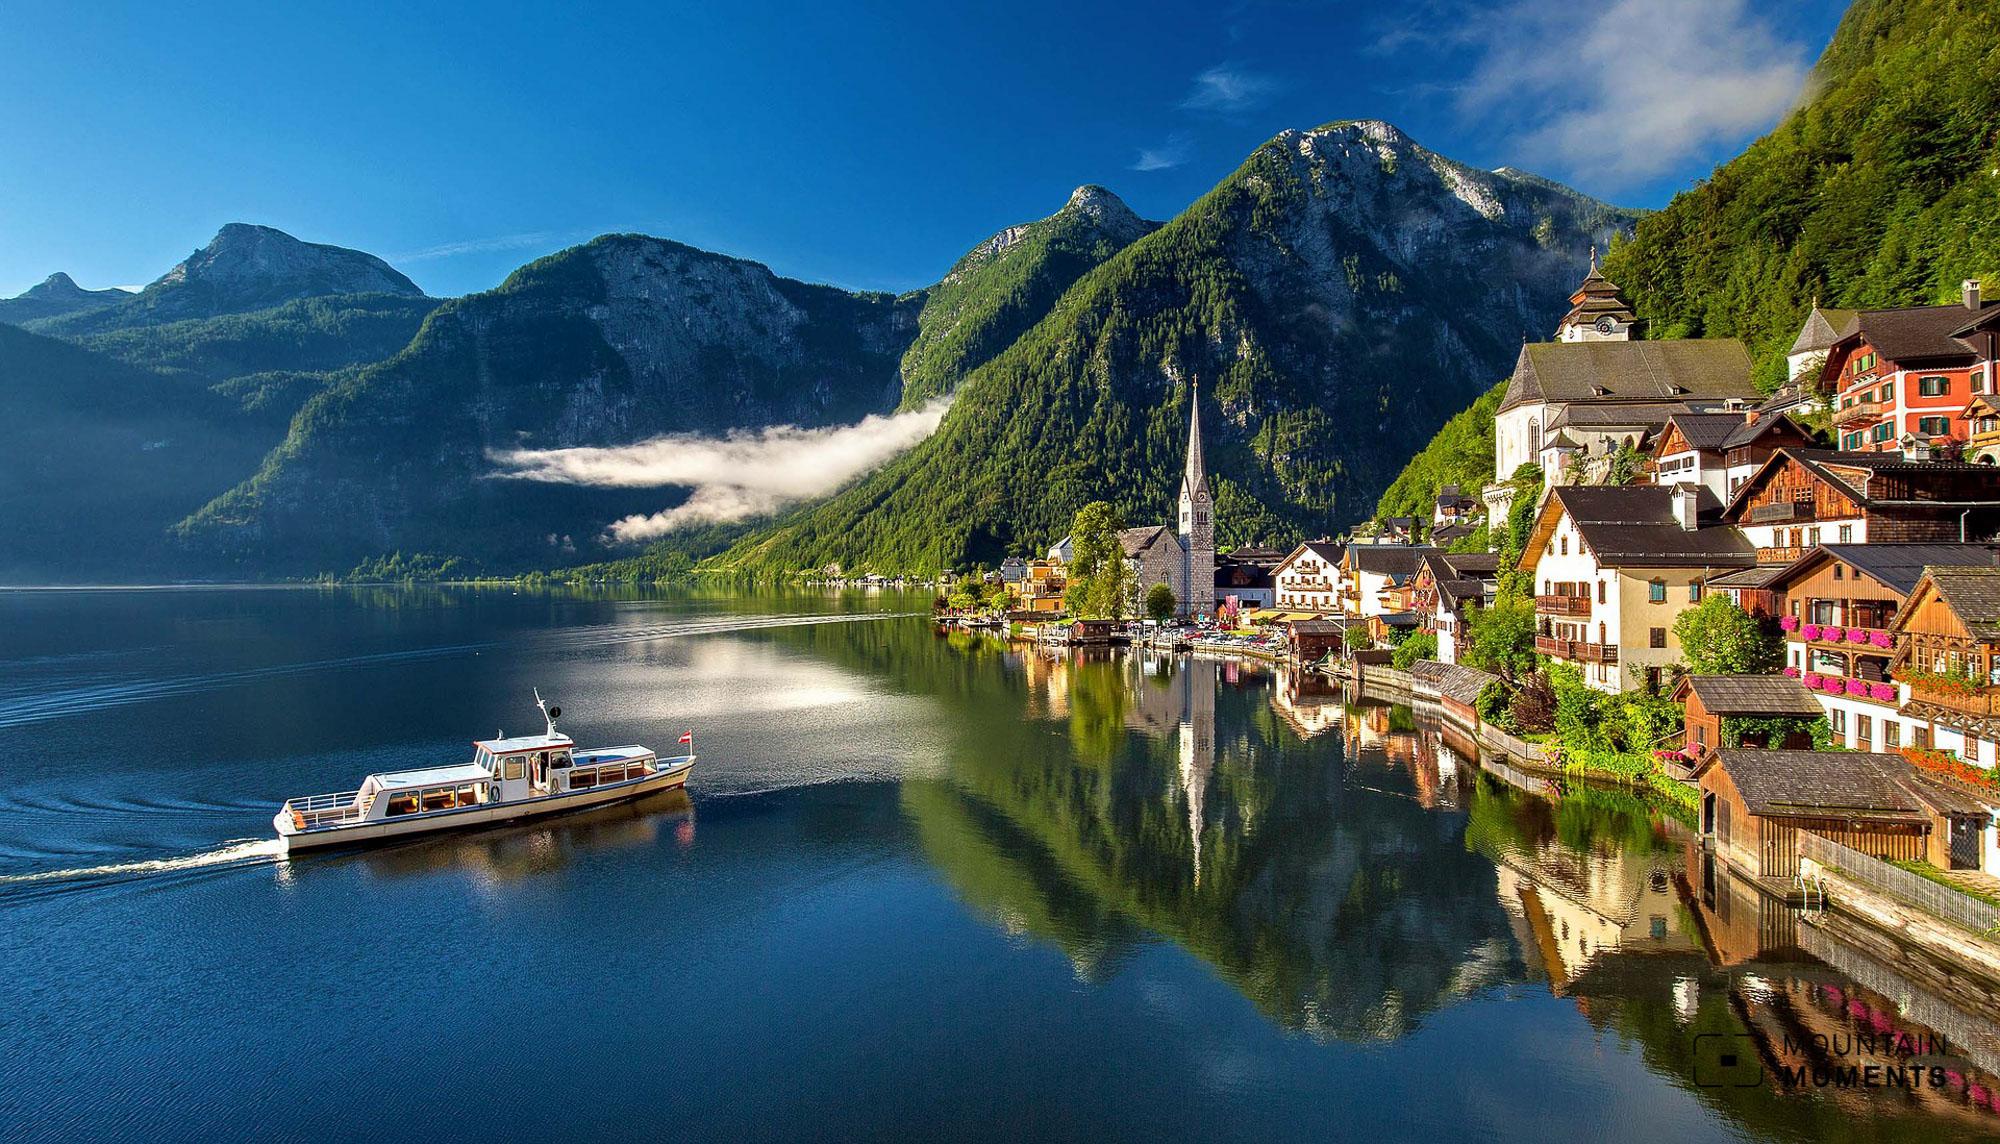 Fotospots österreich, fotolocations österreich, schöne orte österreich, sehenswürdigkeiten österreich, hallstatt, see österreich, fotospot hallstatt